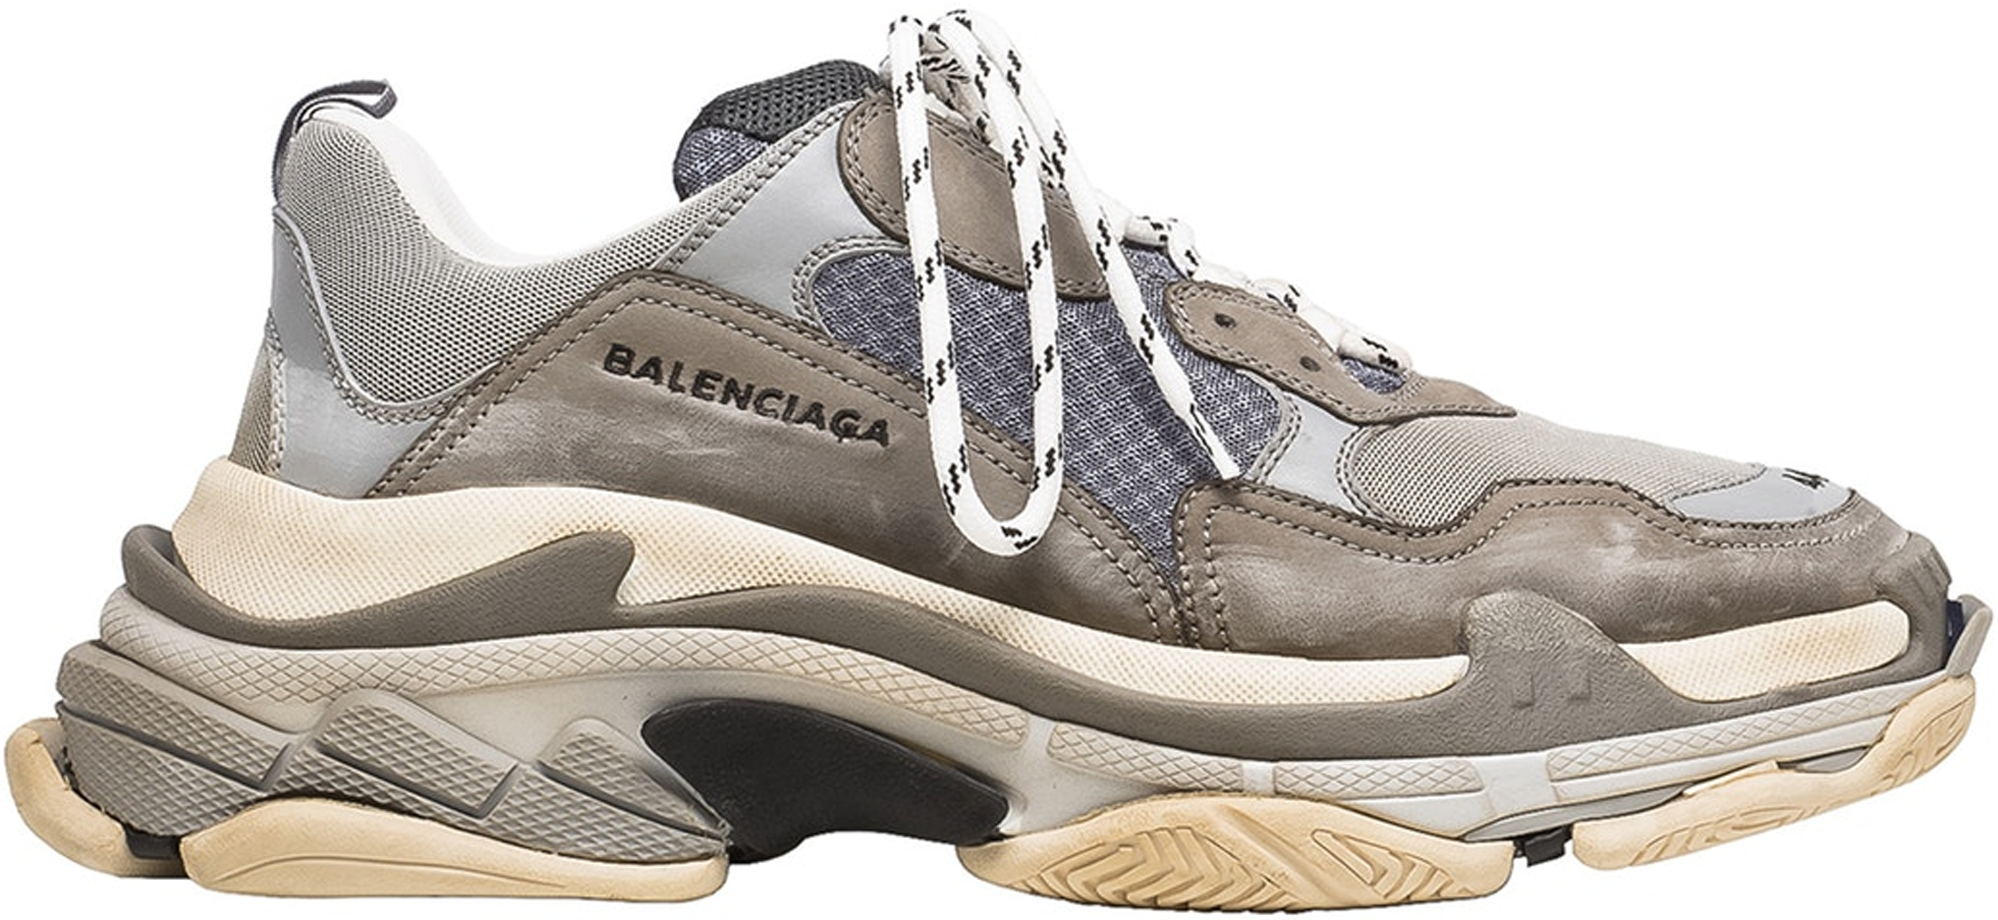 Balenciaga Triple S Grey - 483513-W06E1